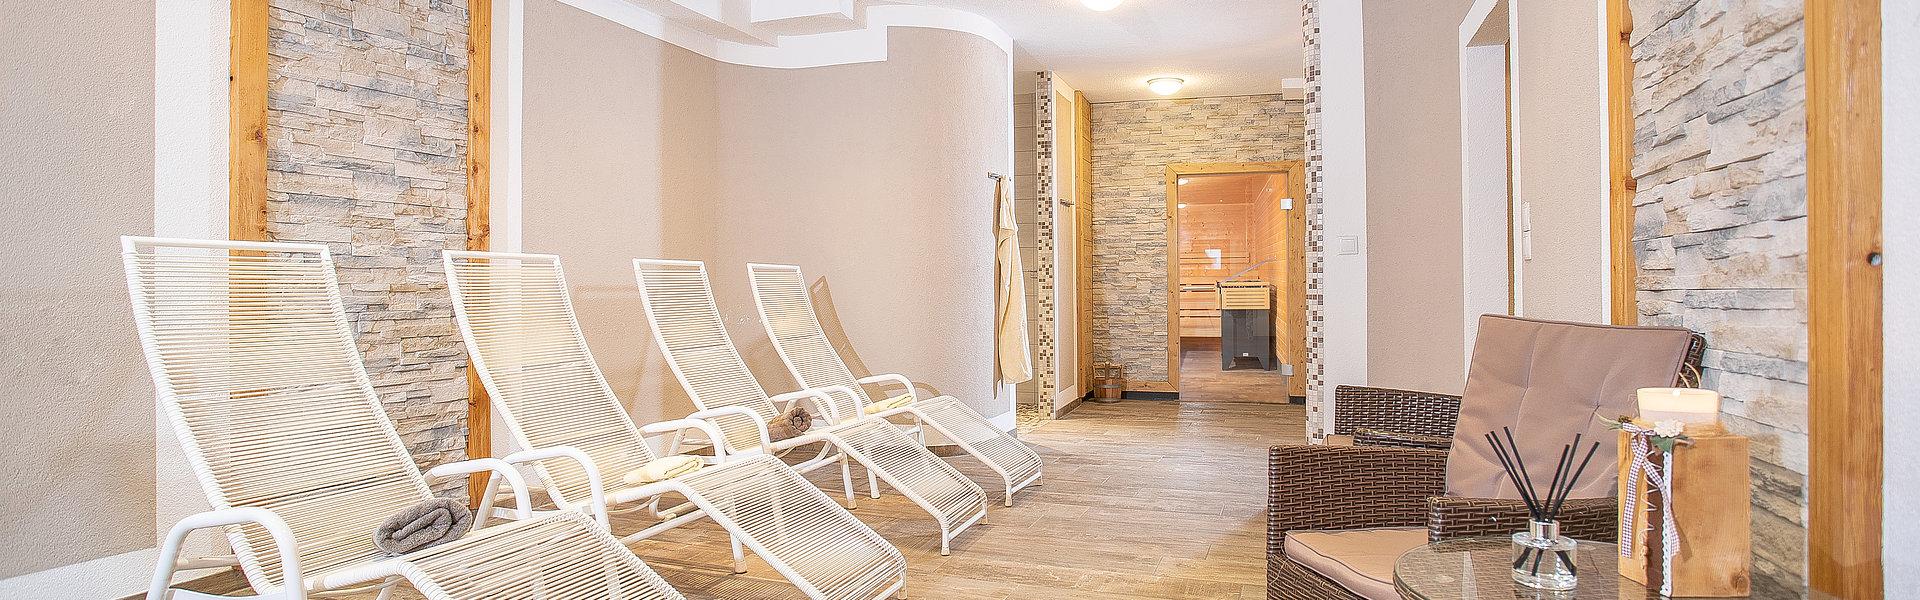 Saunabereich - Camping Inntal